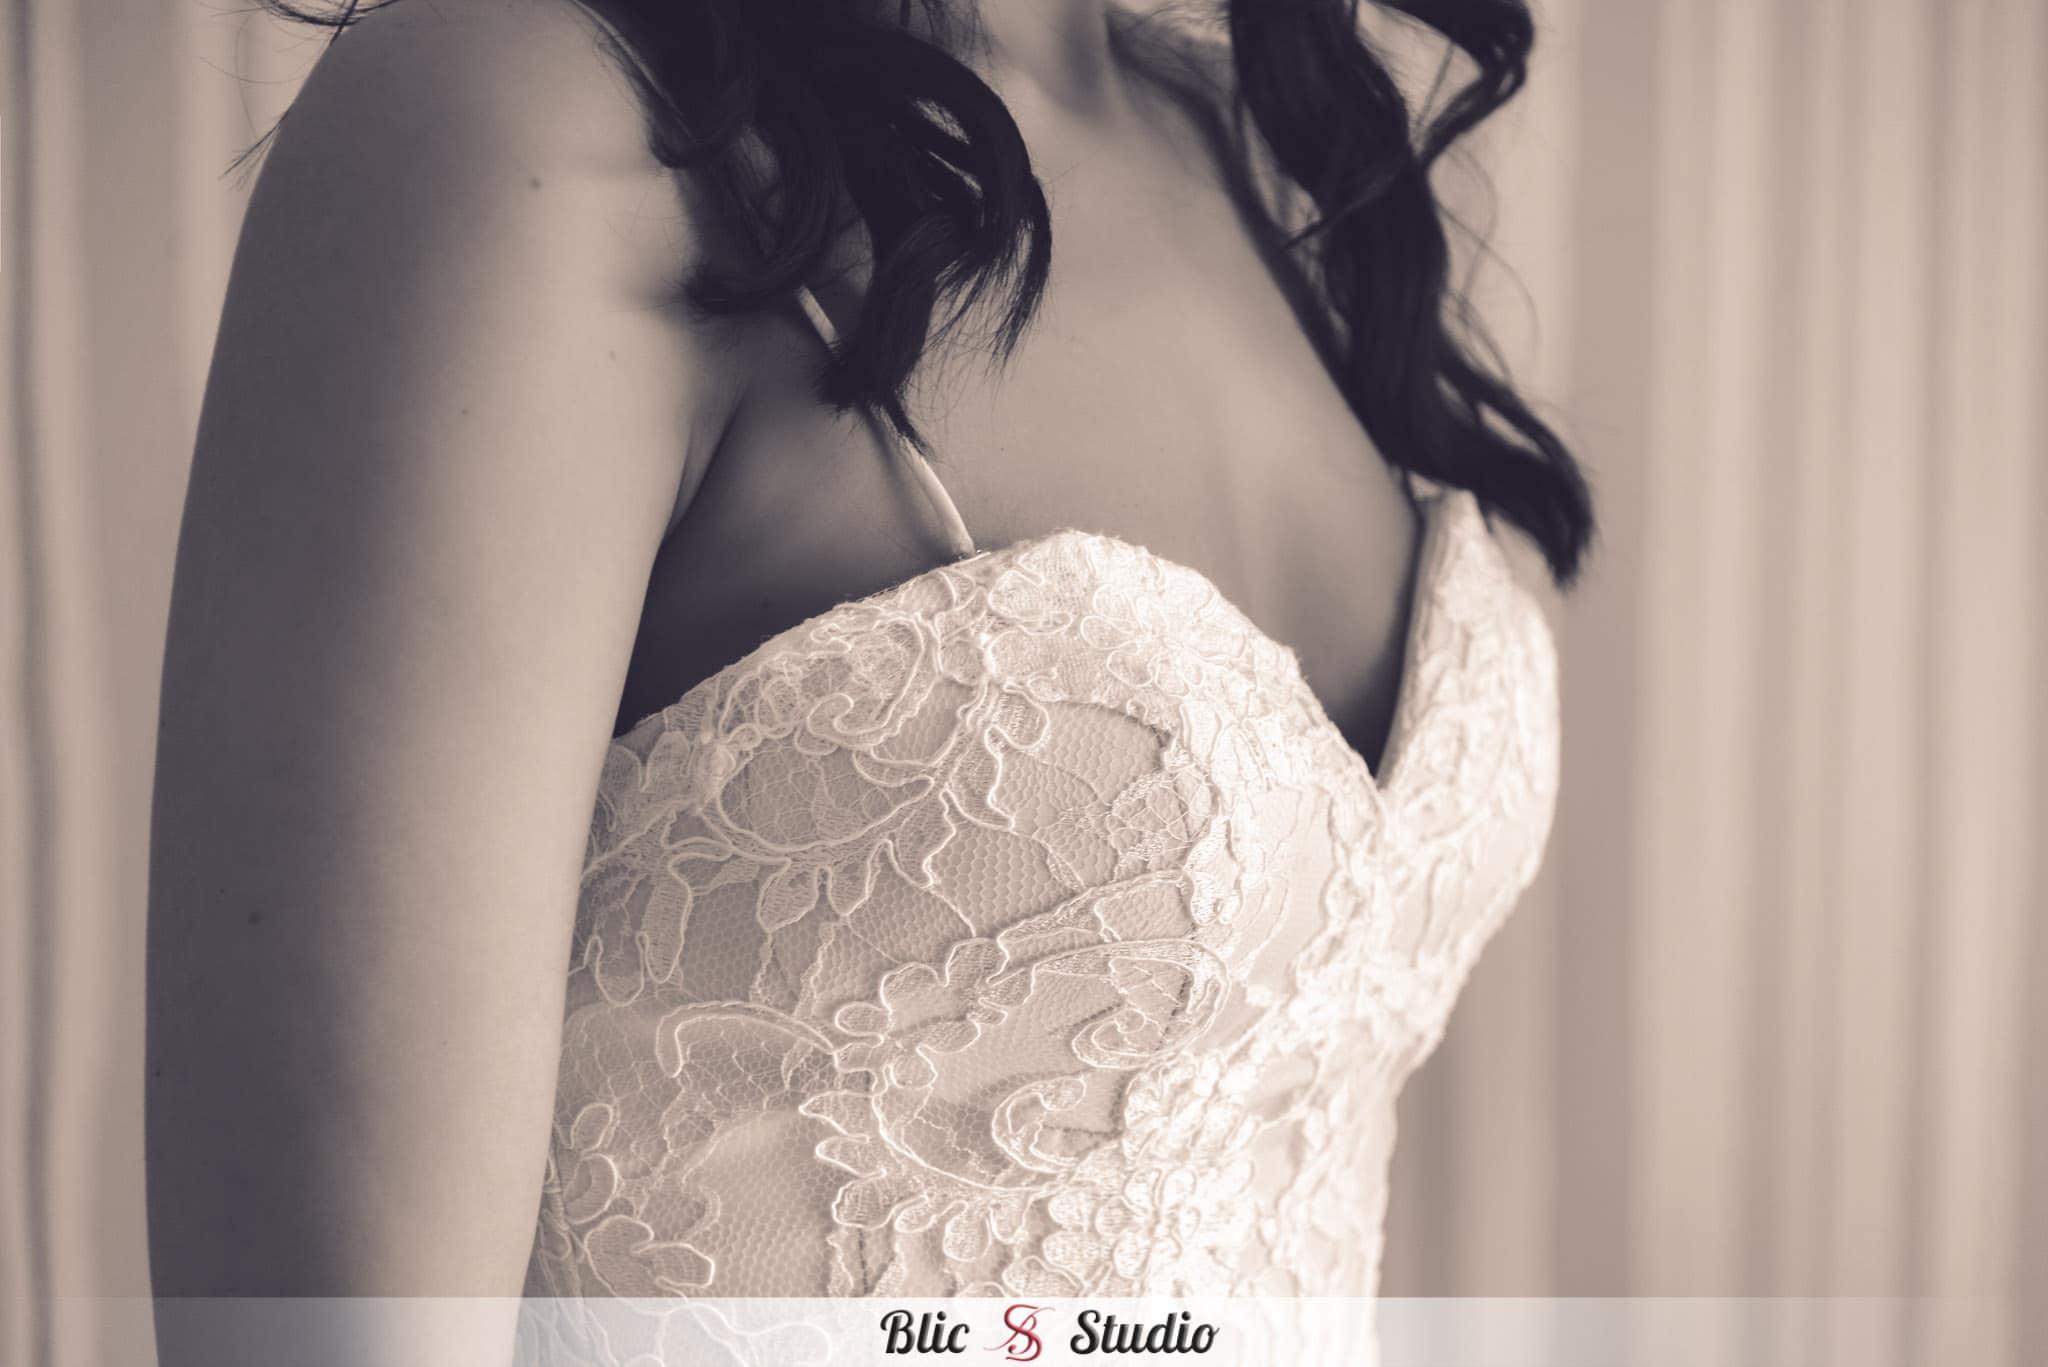 Fotograf_za_vjenčanje_foto_studio_blic_marincel (21)